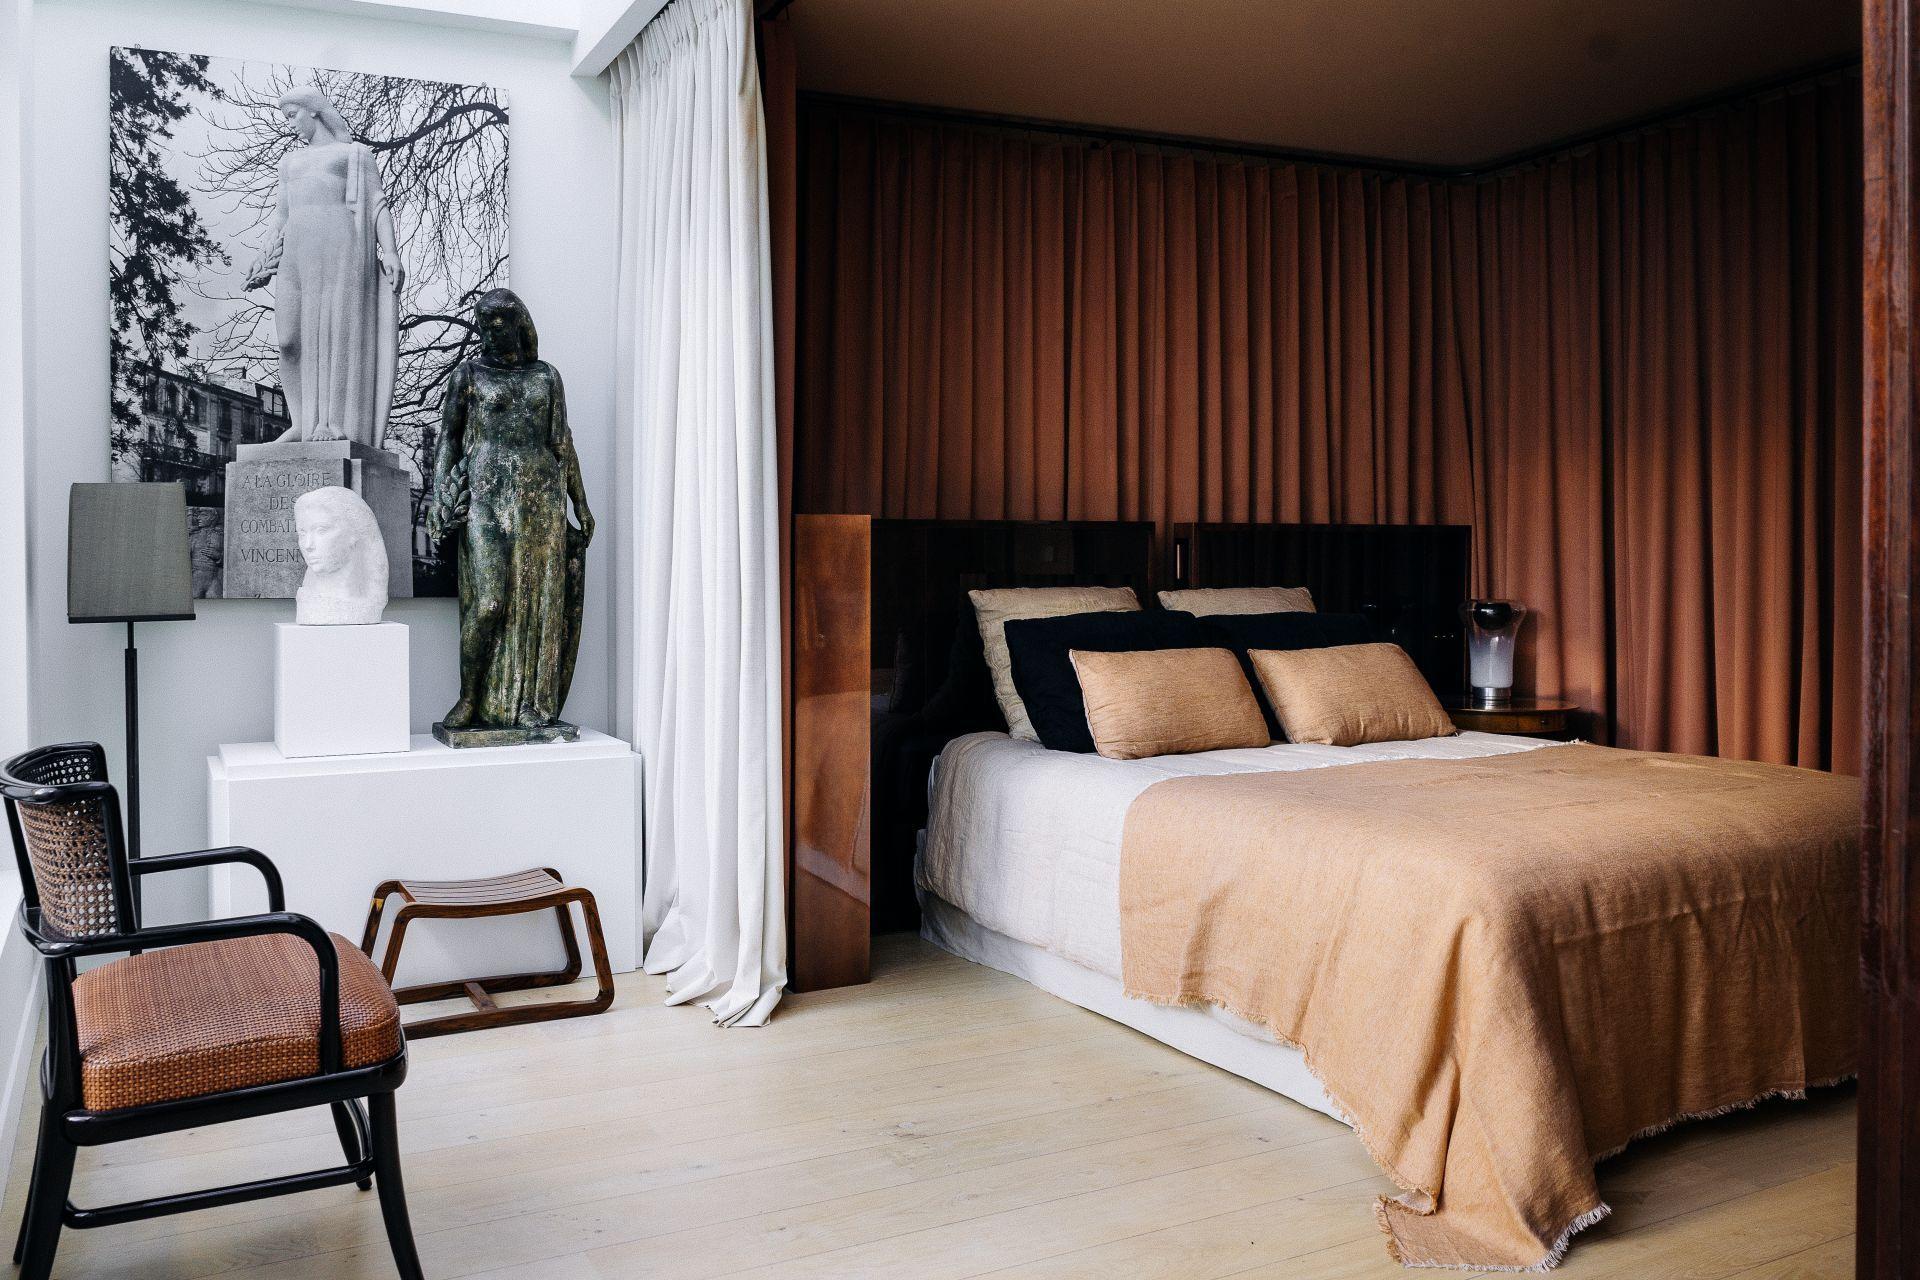 Tristan Auer Avec Images Lit Design Moderne Decoration